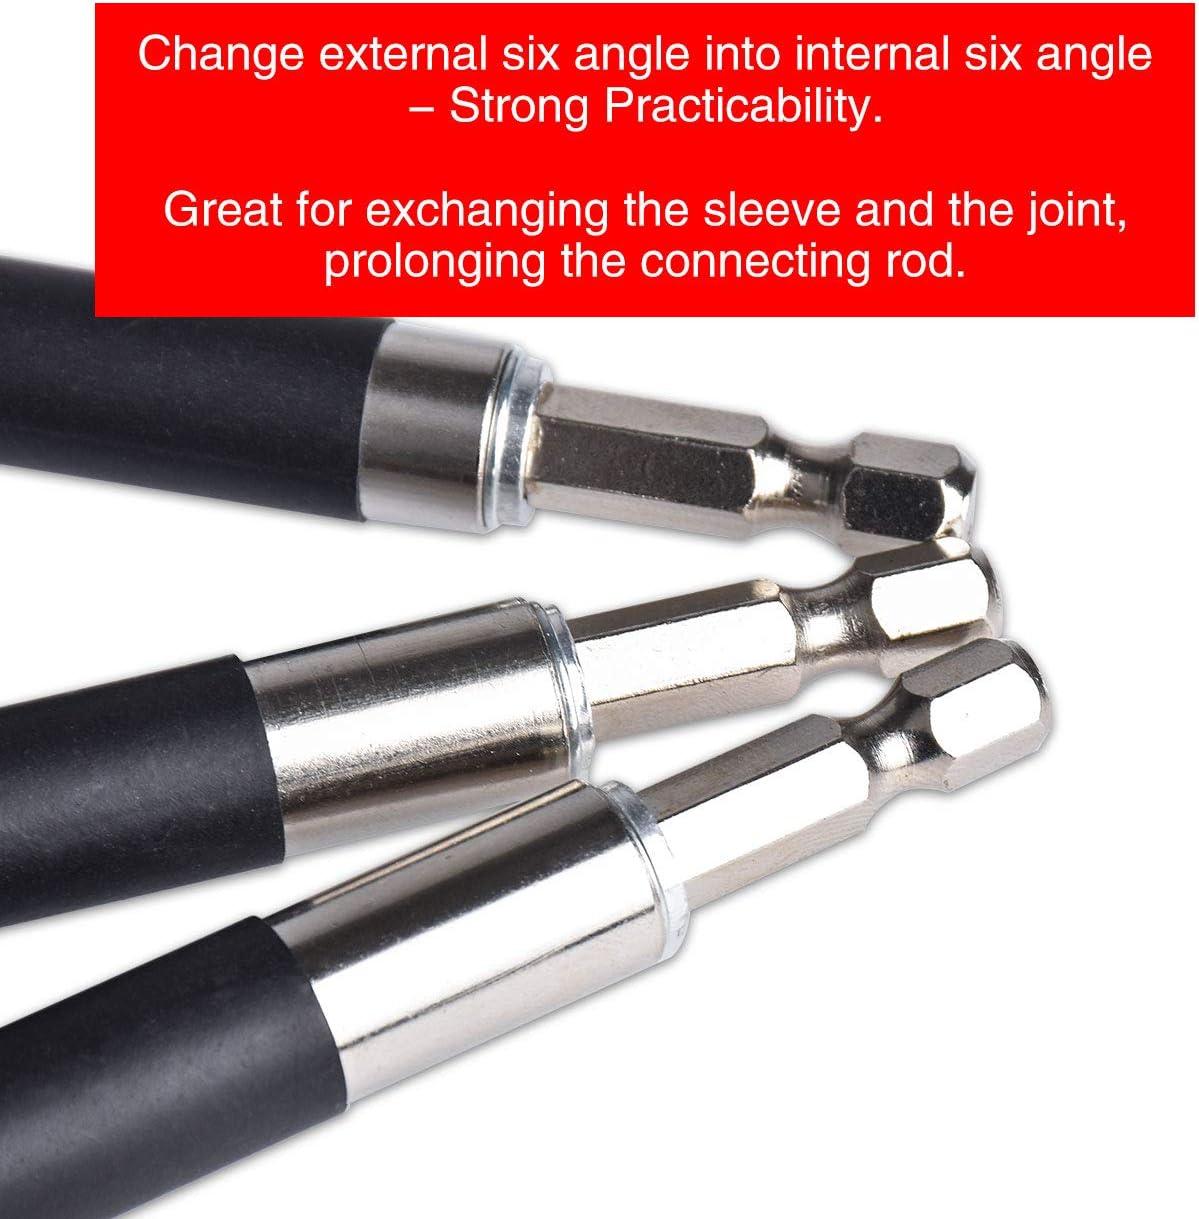 140-240mm adaptateur de tige de connexion /à tige hexagonale de 1//4 pouce 120-200mm adaptateur damortisseur magn/étique 80-120mm KATUR Support /à embout de tournevis magn/étique /à d/égagement rapide